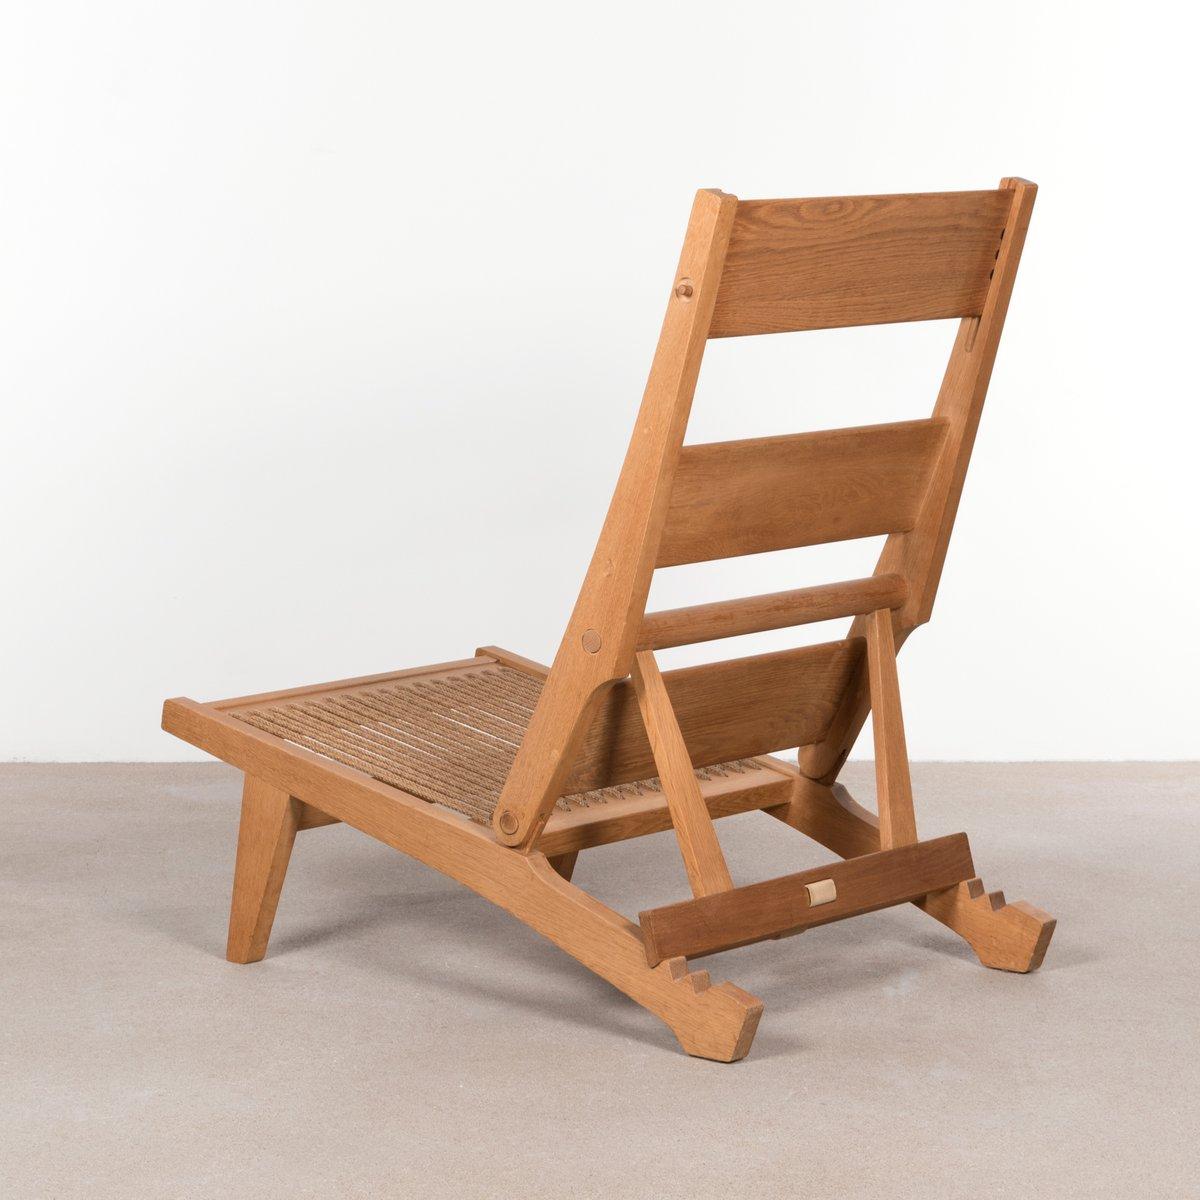 d nische vintage modell ap71 sessel von hans wegner f r ap stolen bei pamono kaufen. Black Bedroom Furniture Sets. Home Design Ideas